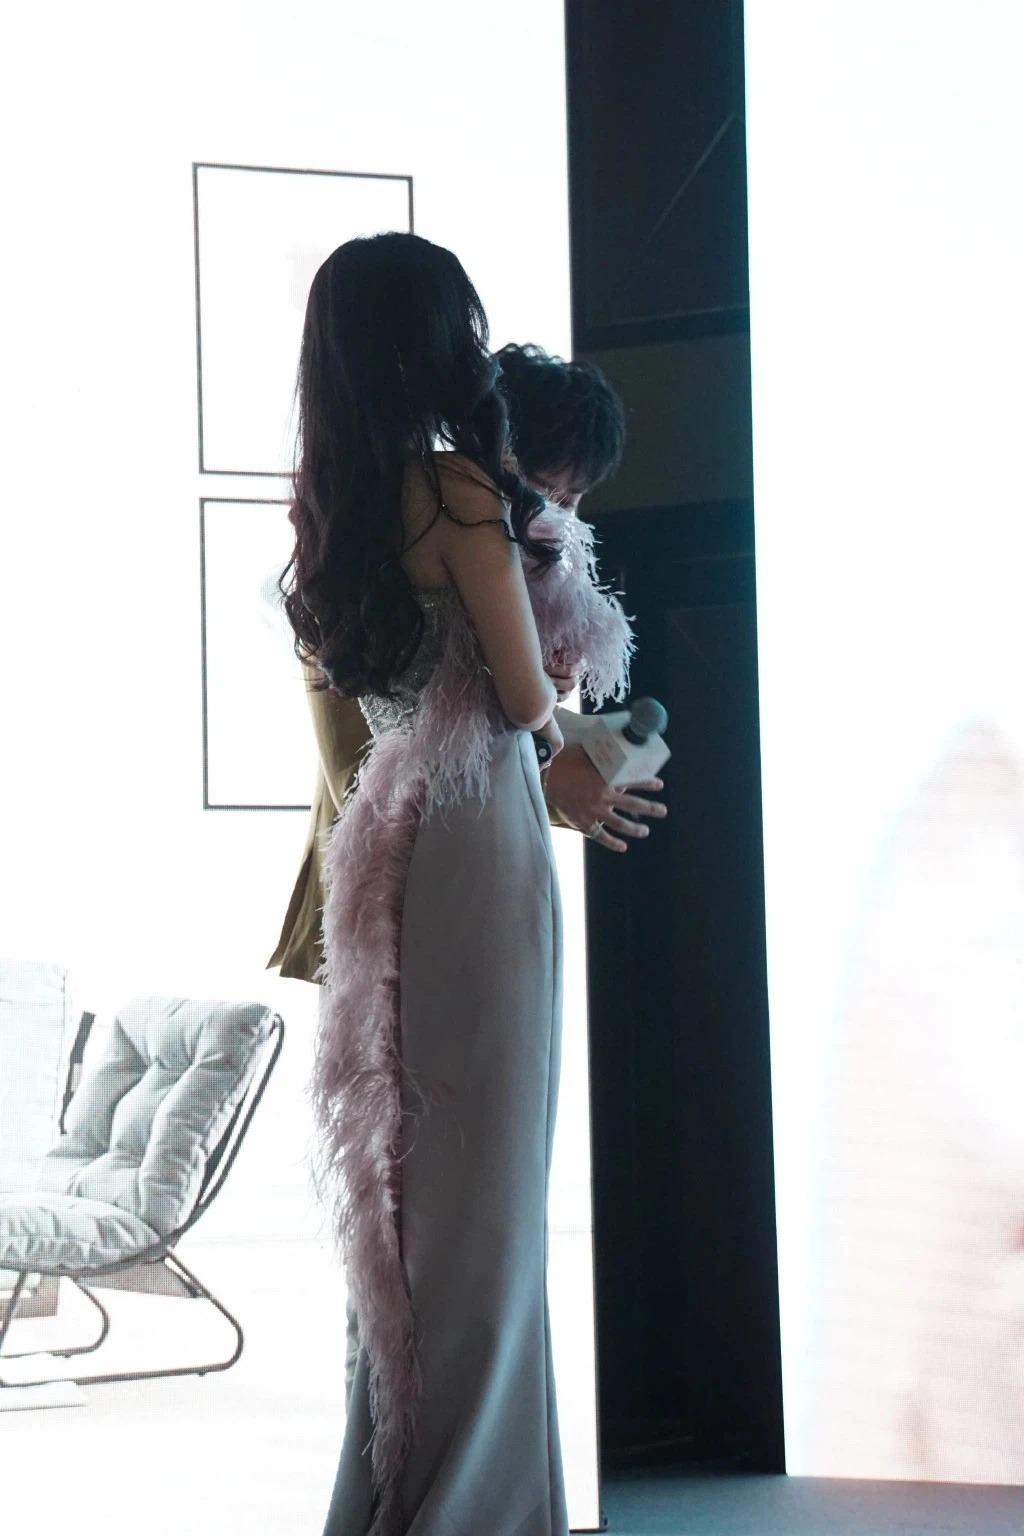 Chưa kể váy có một dải lông vũ đính dọc thân phía sau, khiến Dương Mịch bị mất hết đường cong và trông khá kỳ cục.